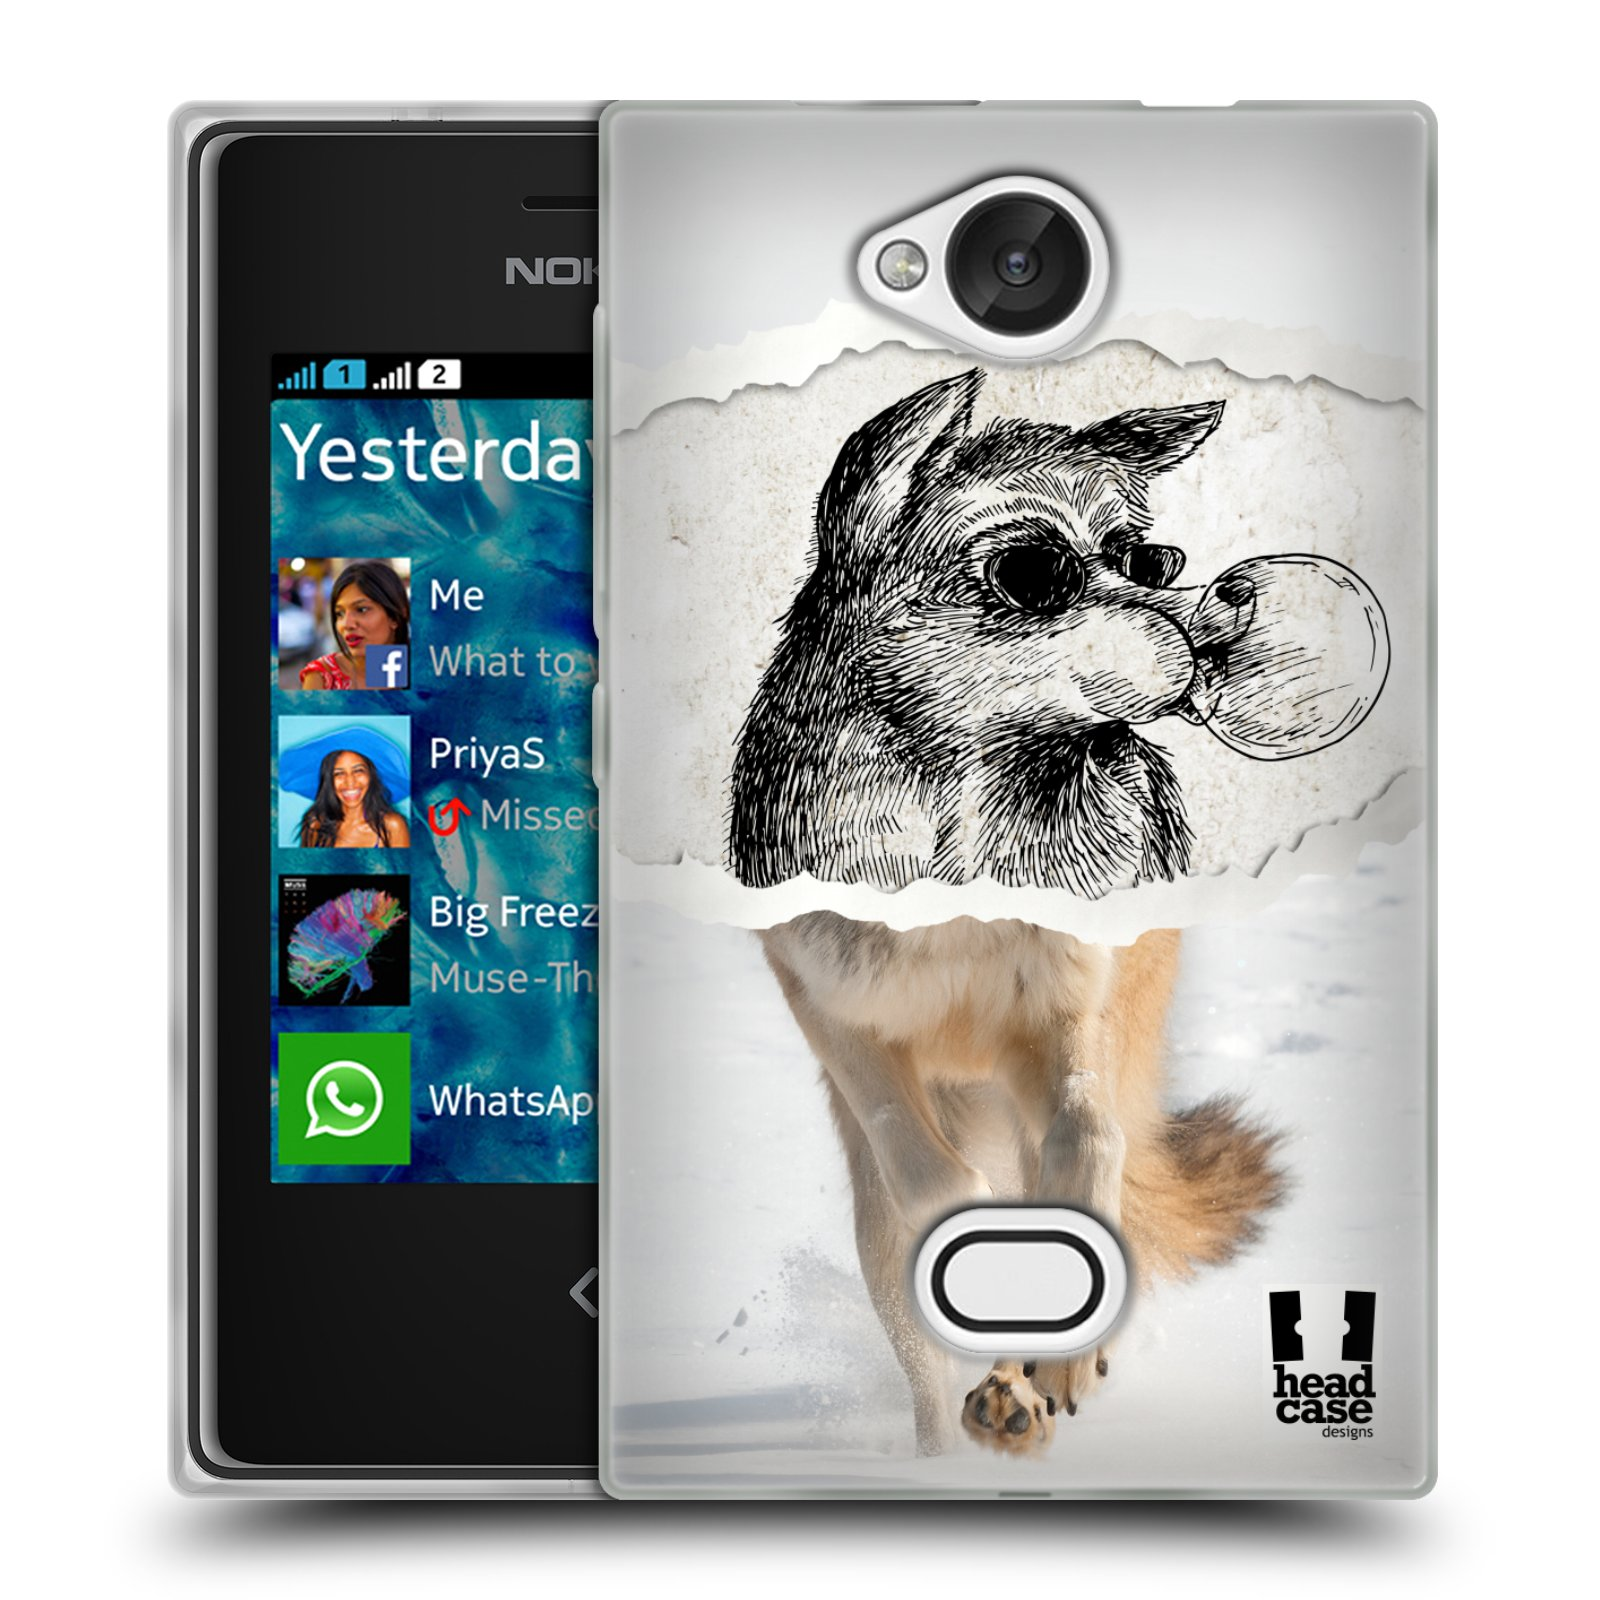 HEAD CASE silikonový obal na mobil NOKIA Asha 503 vzor zvířata koláž vlk pohodář